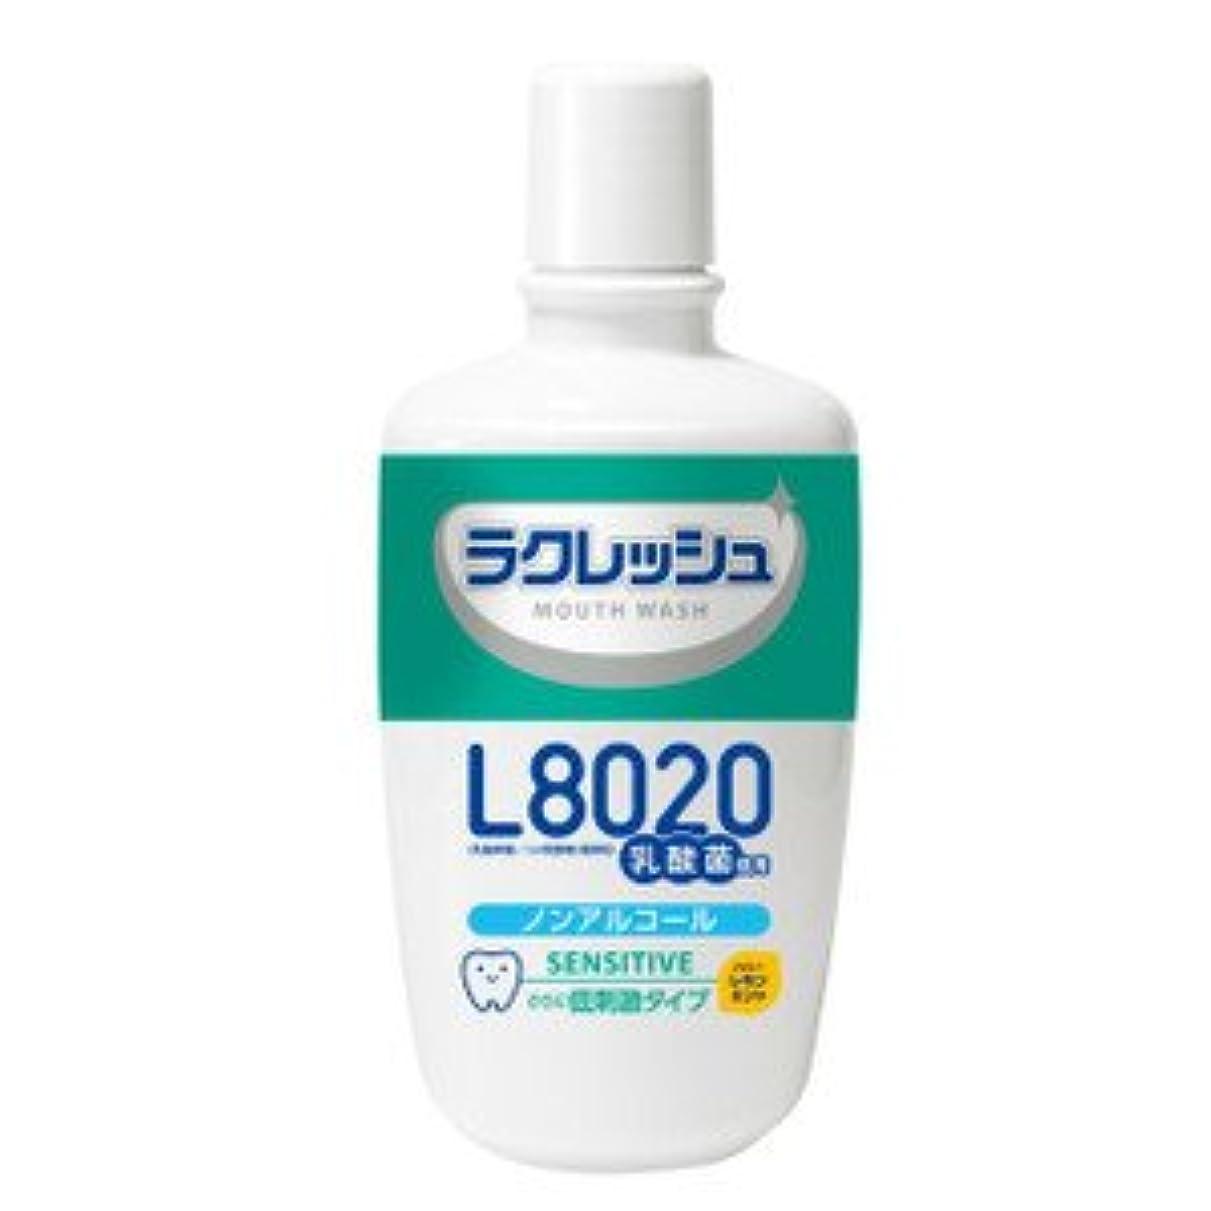 いま防水可聴ジェクス ラクレッシュ L8020乳酸菌 マウスウォッシュ 洗口液センシティブタイプ 300ml×10個セット